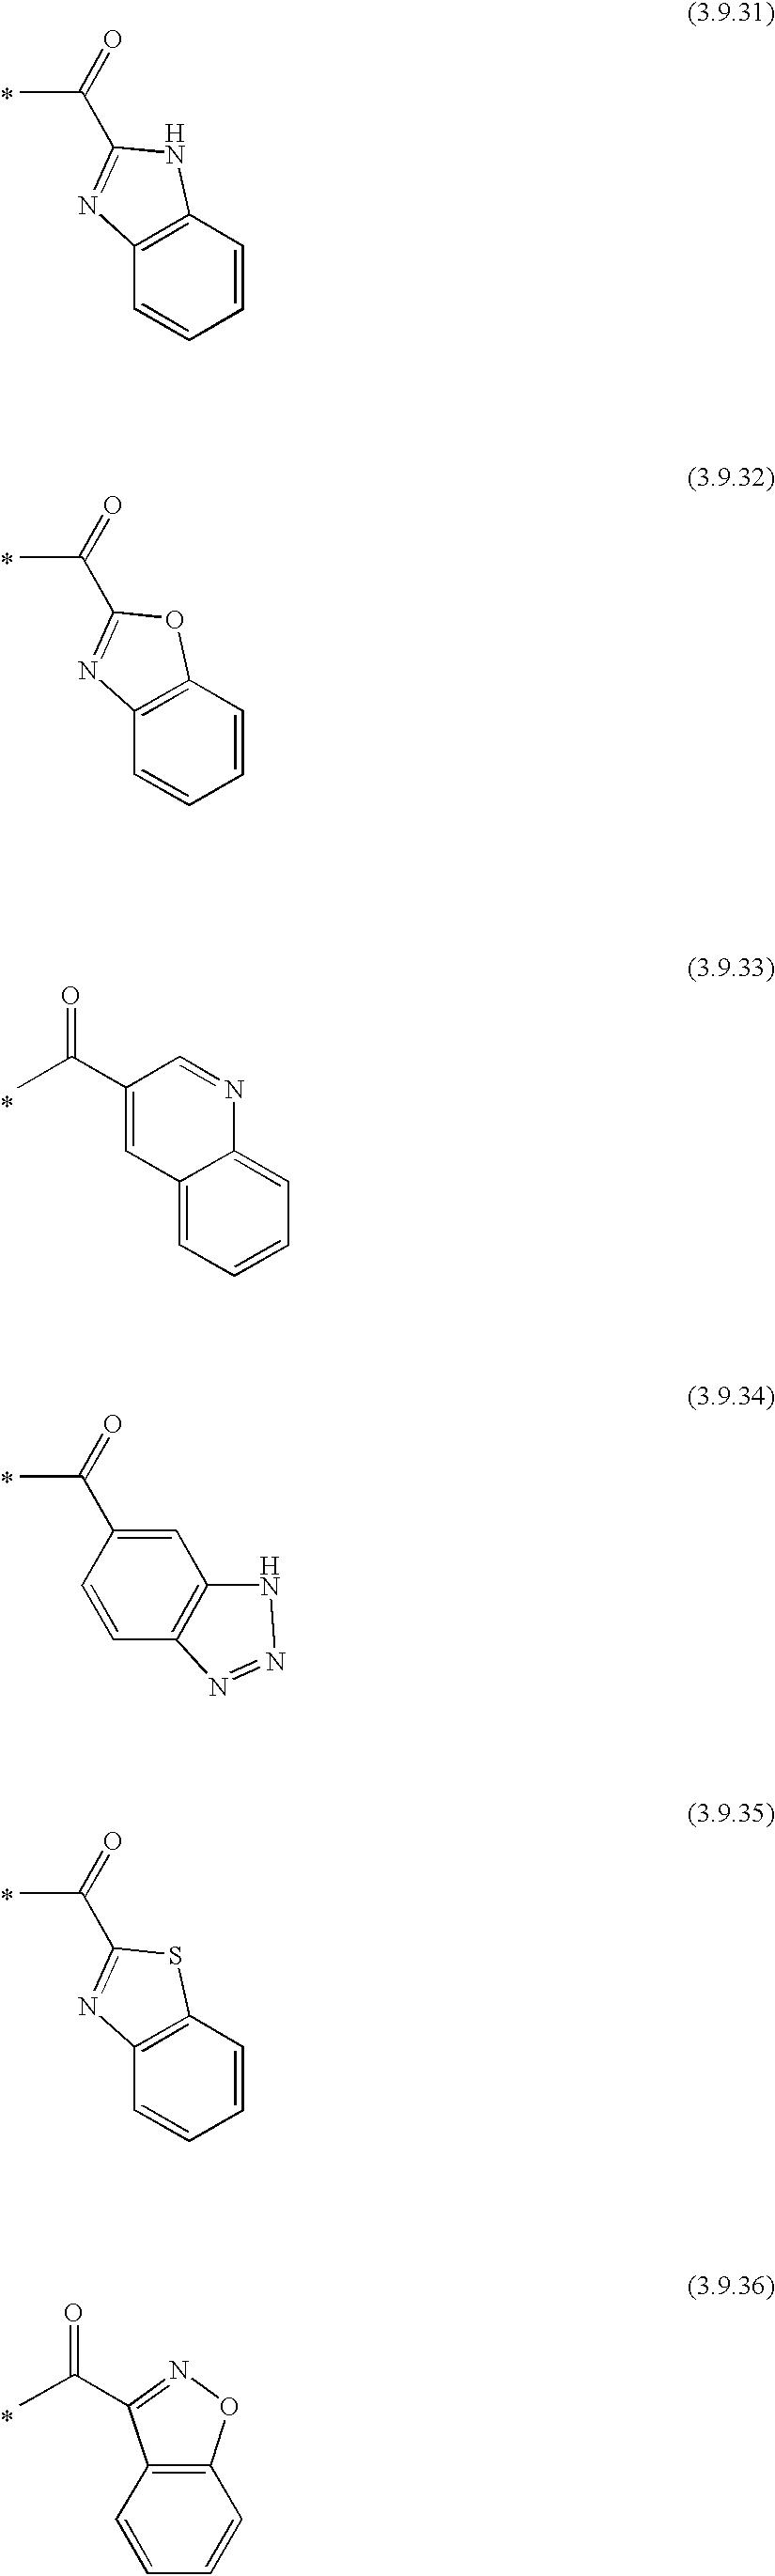 Figure US20030186974A1-20031002-C00185